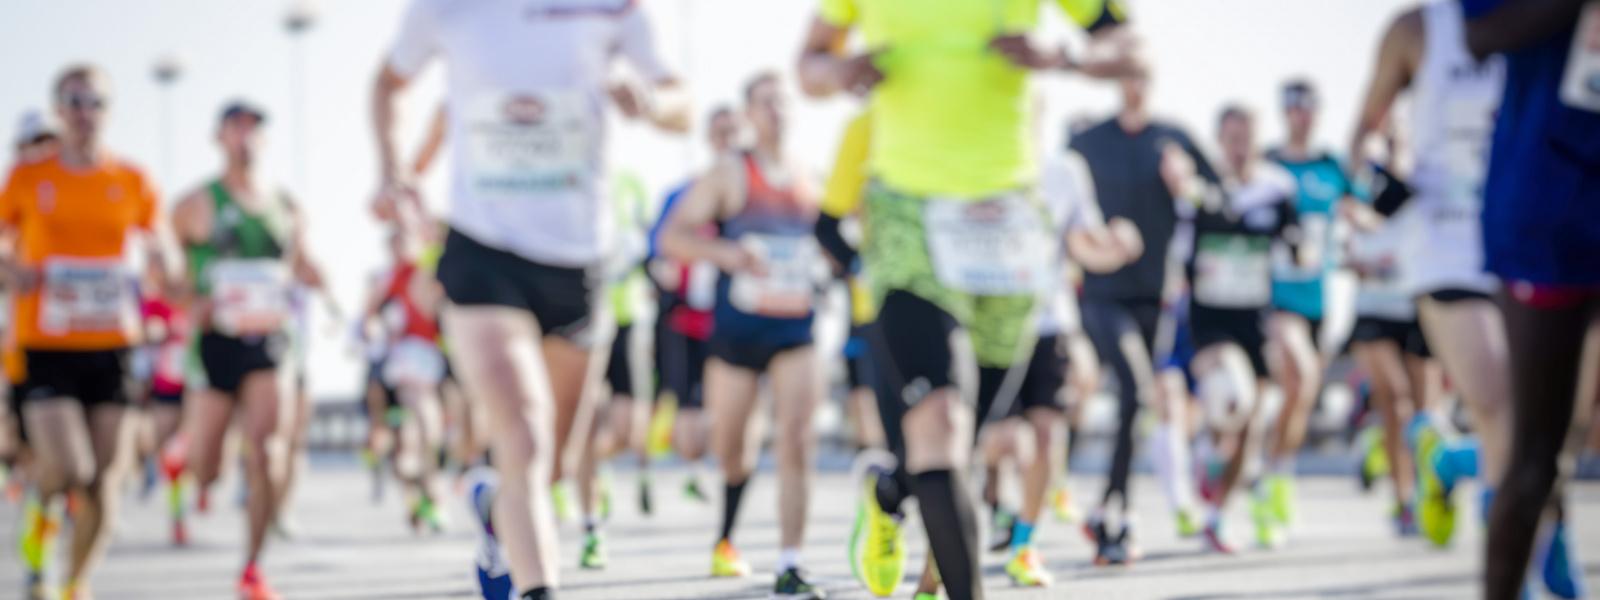 Namur International Marathon & Half Marathon  | Namur Half Marathon